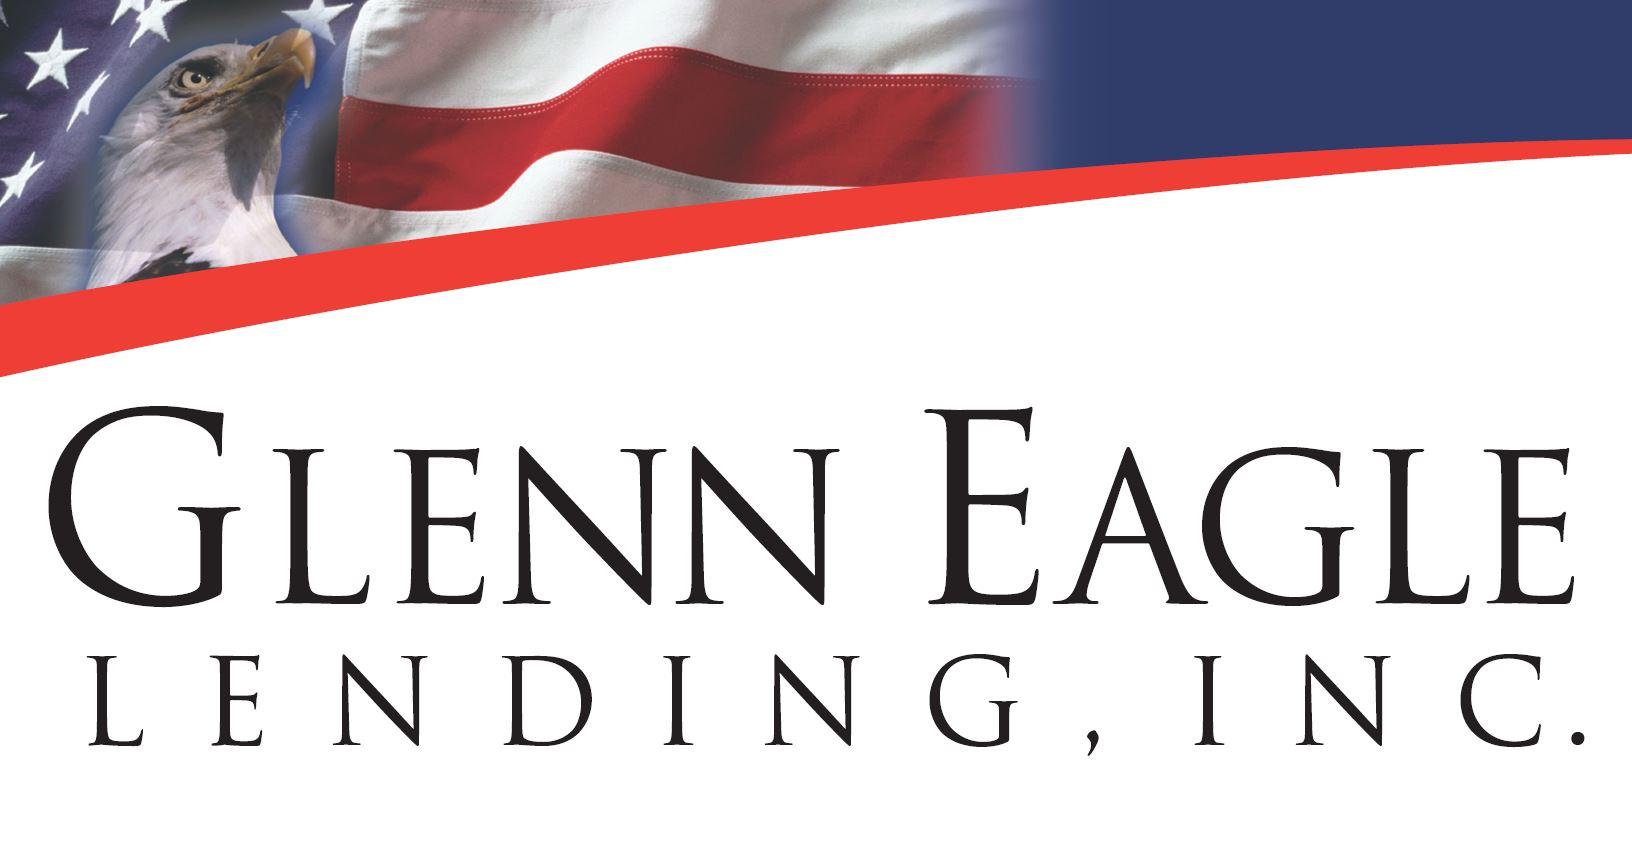 Sponsor Glenn Eagle Lending, Inc.